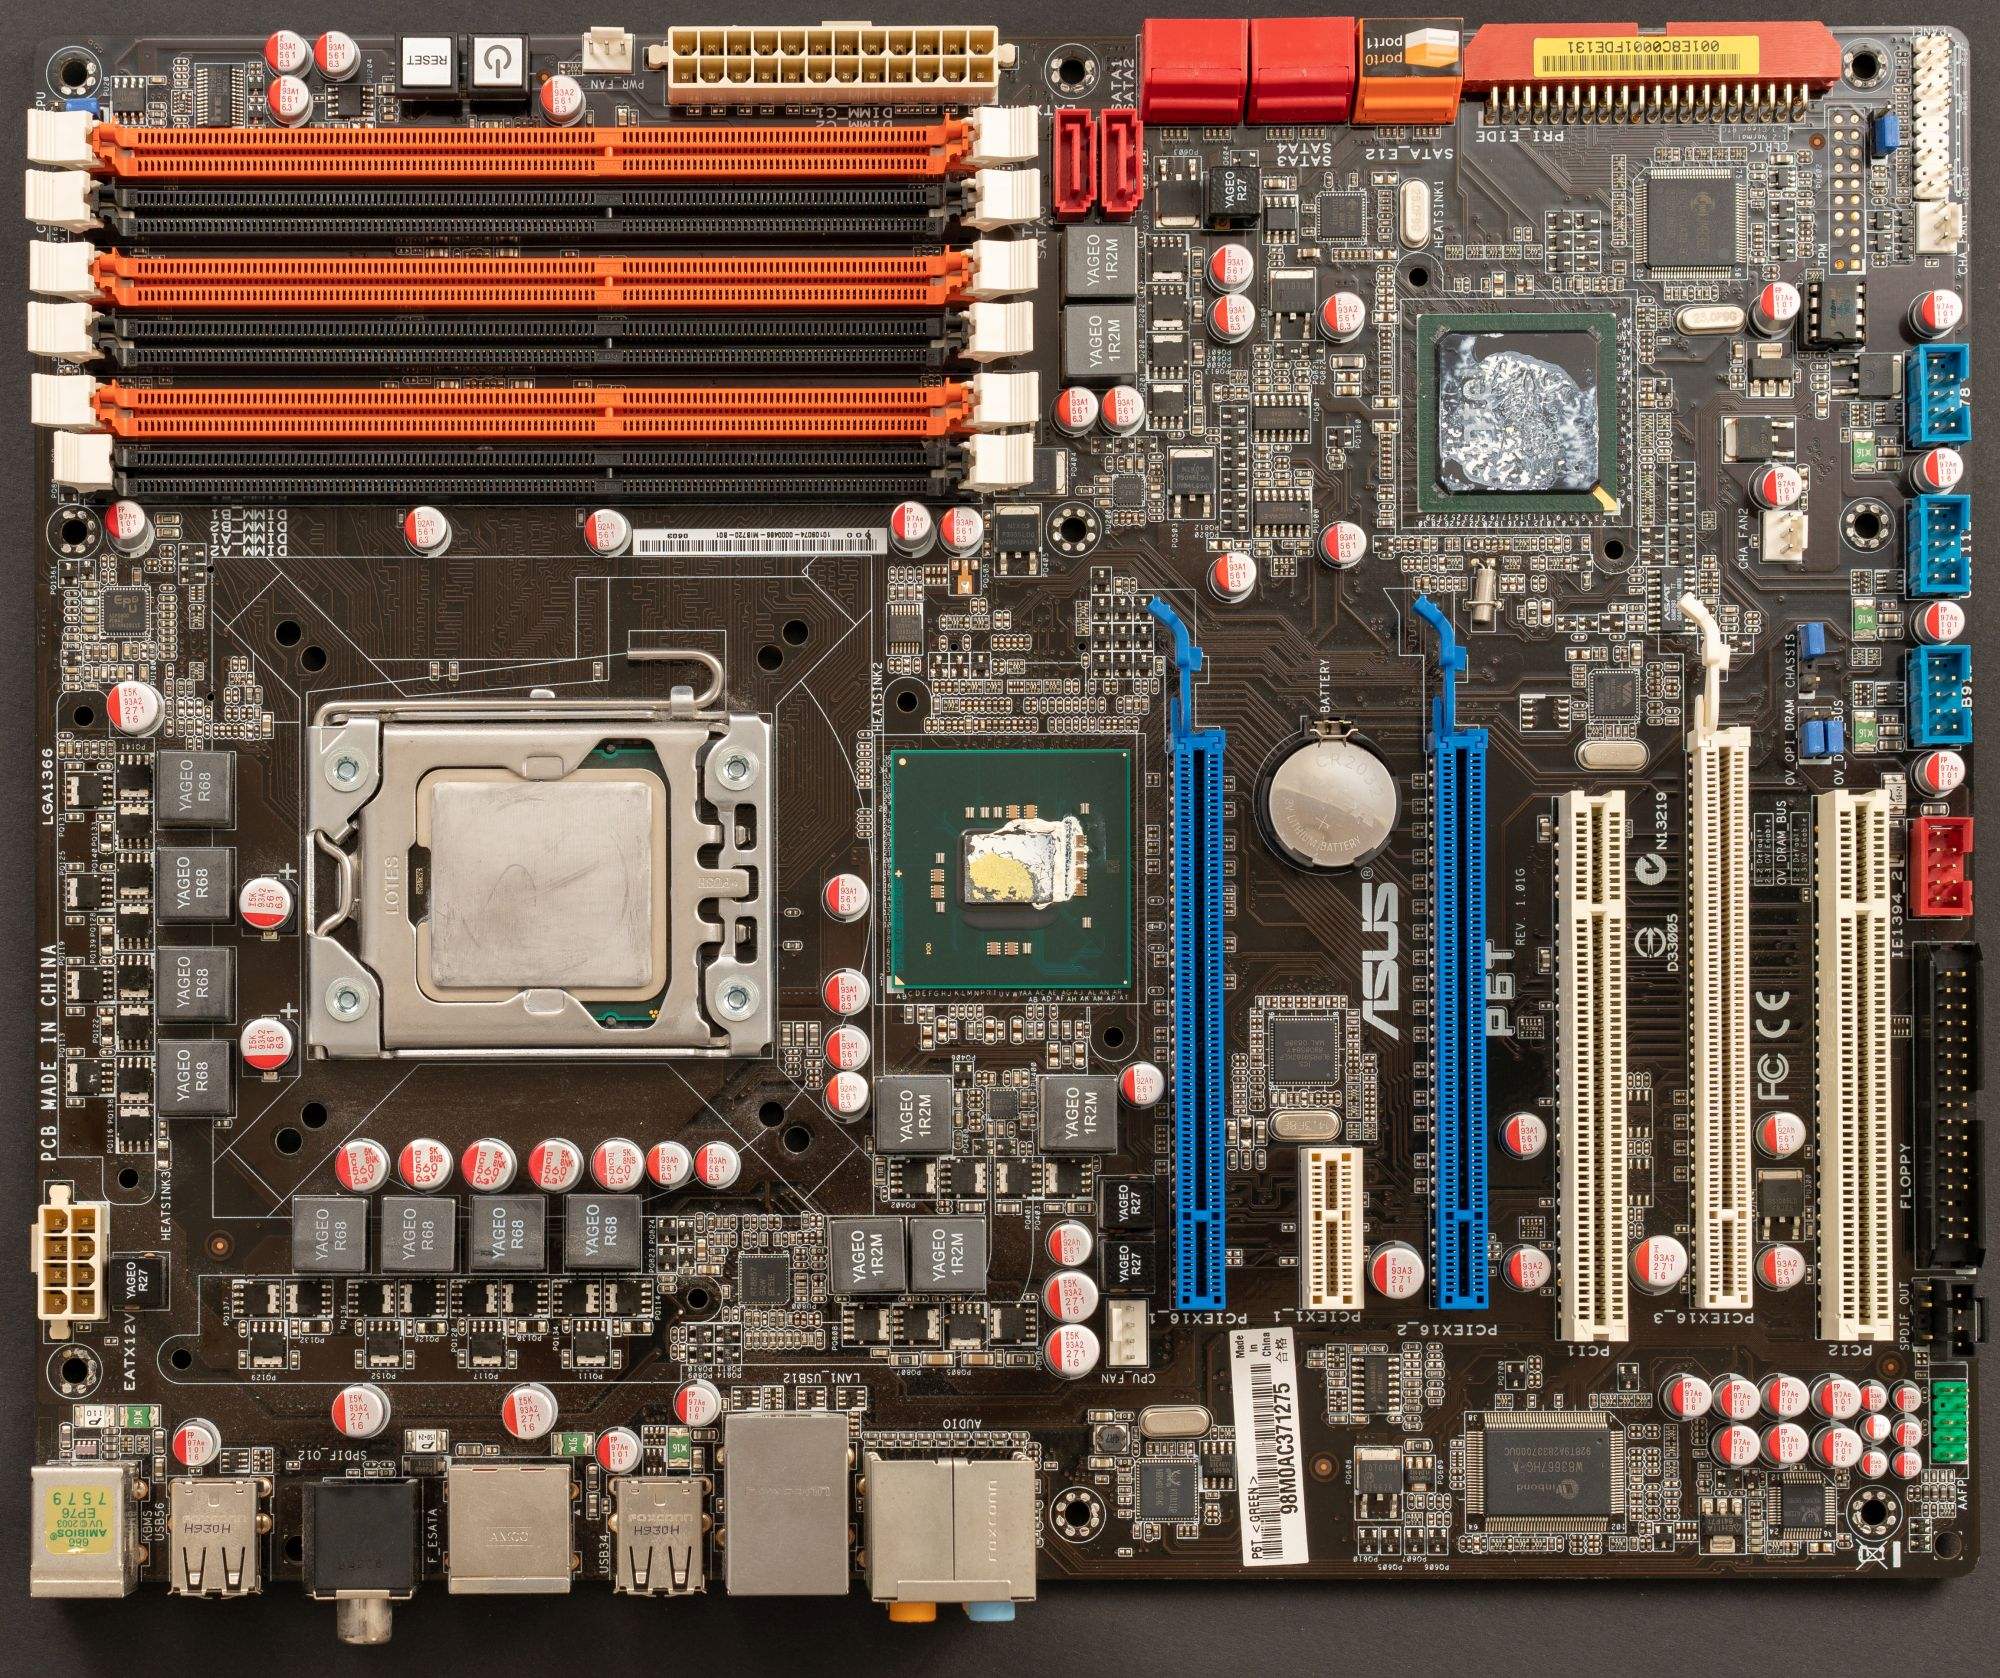 Древности: современный компьютер из старых запчастей - 10